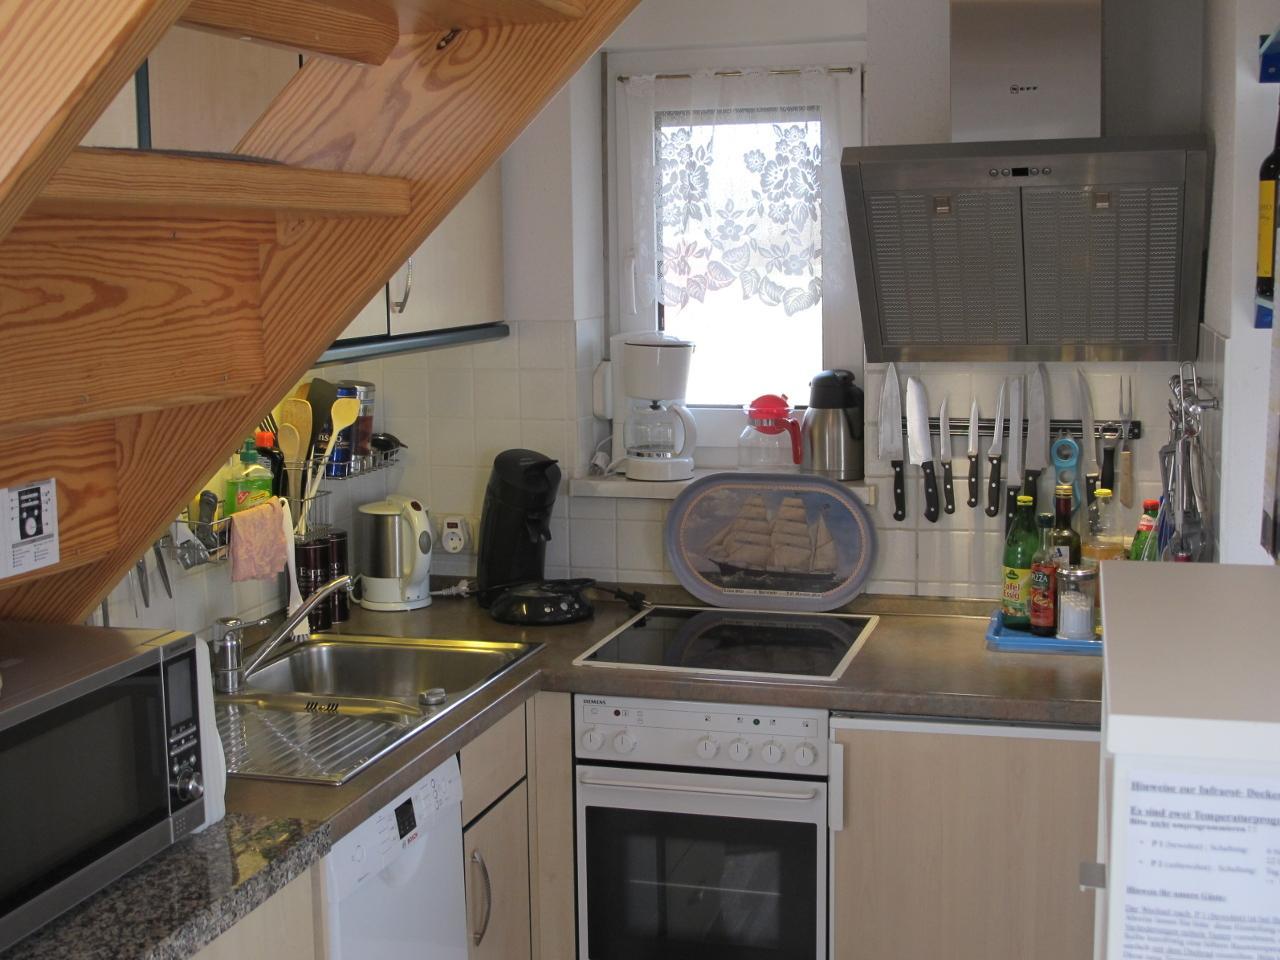 Der Küche Verbringen Möchten – dede14